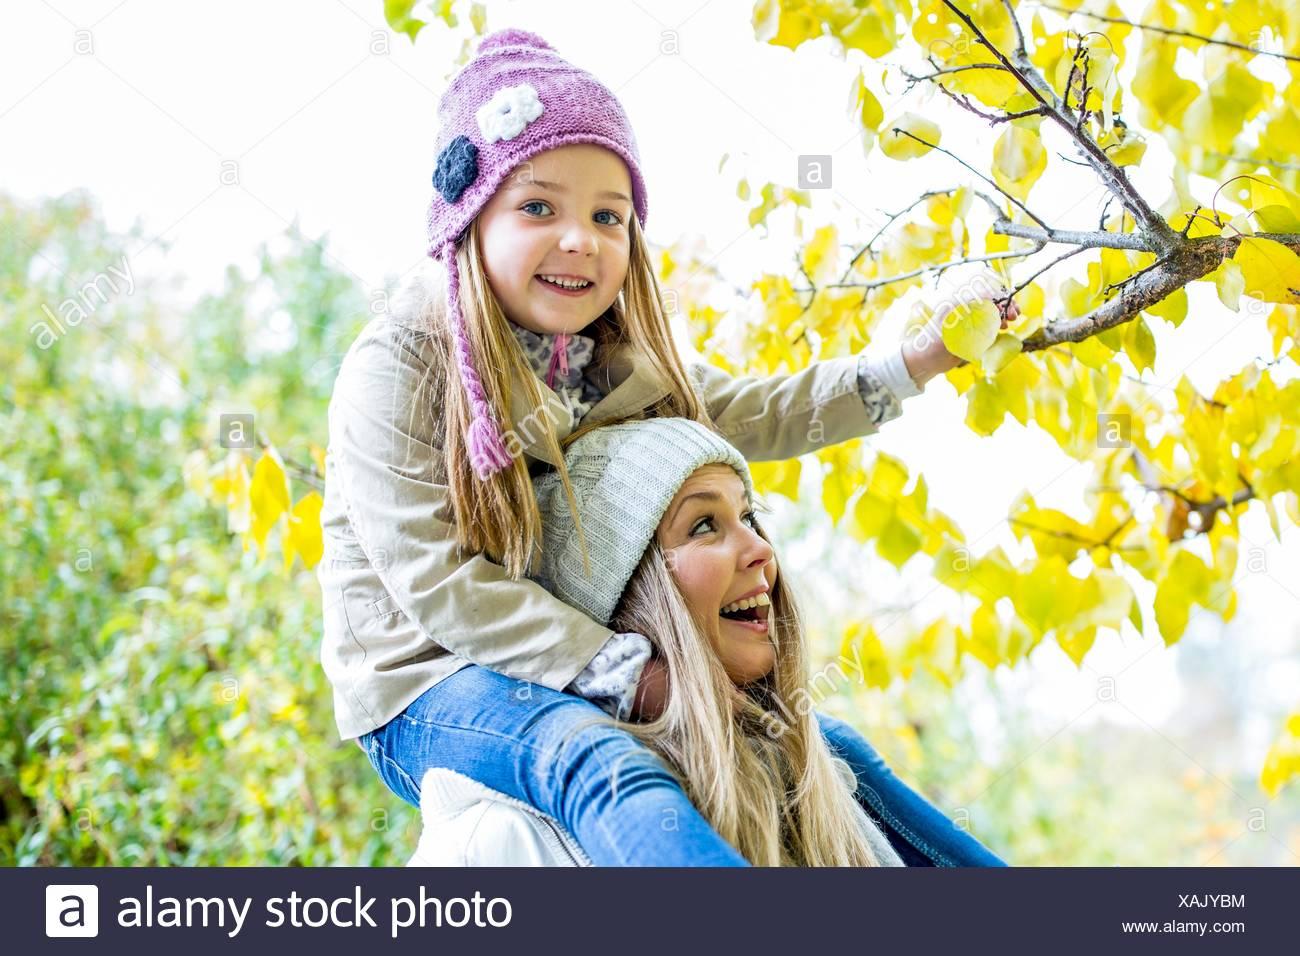 Modello rilasciato. Madre figlia che porta sulle spalle e guardando il ramo in autunno. Immagini Stock